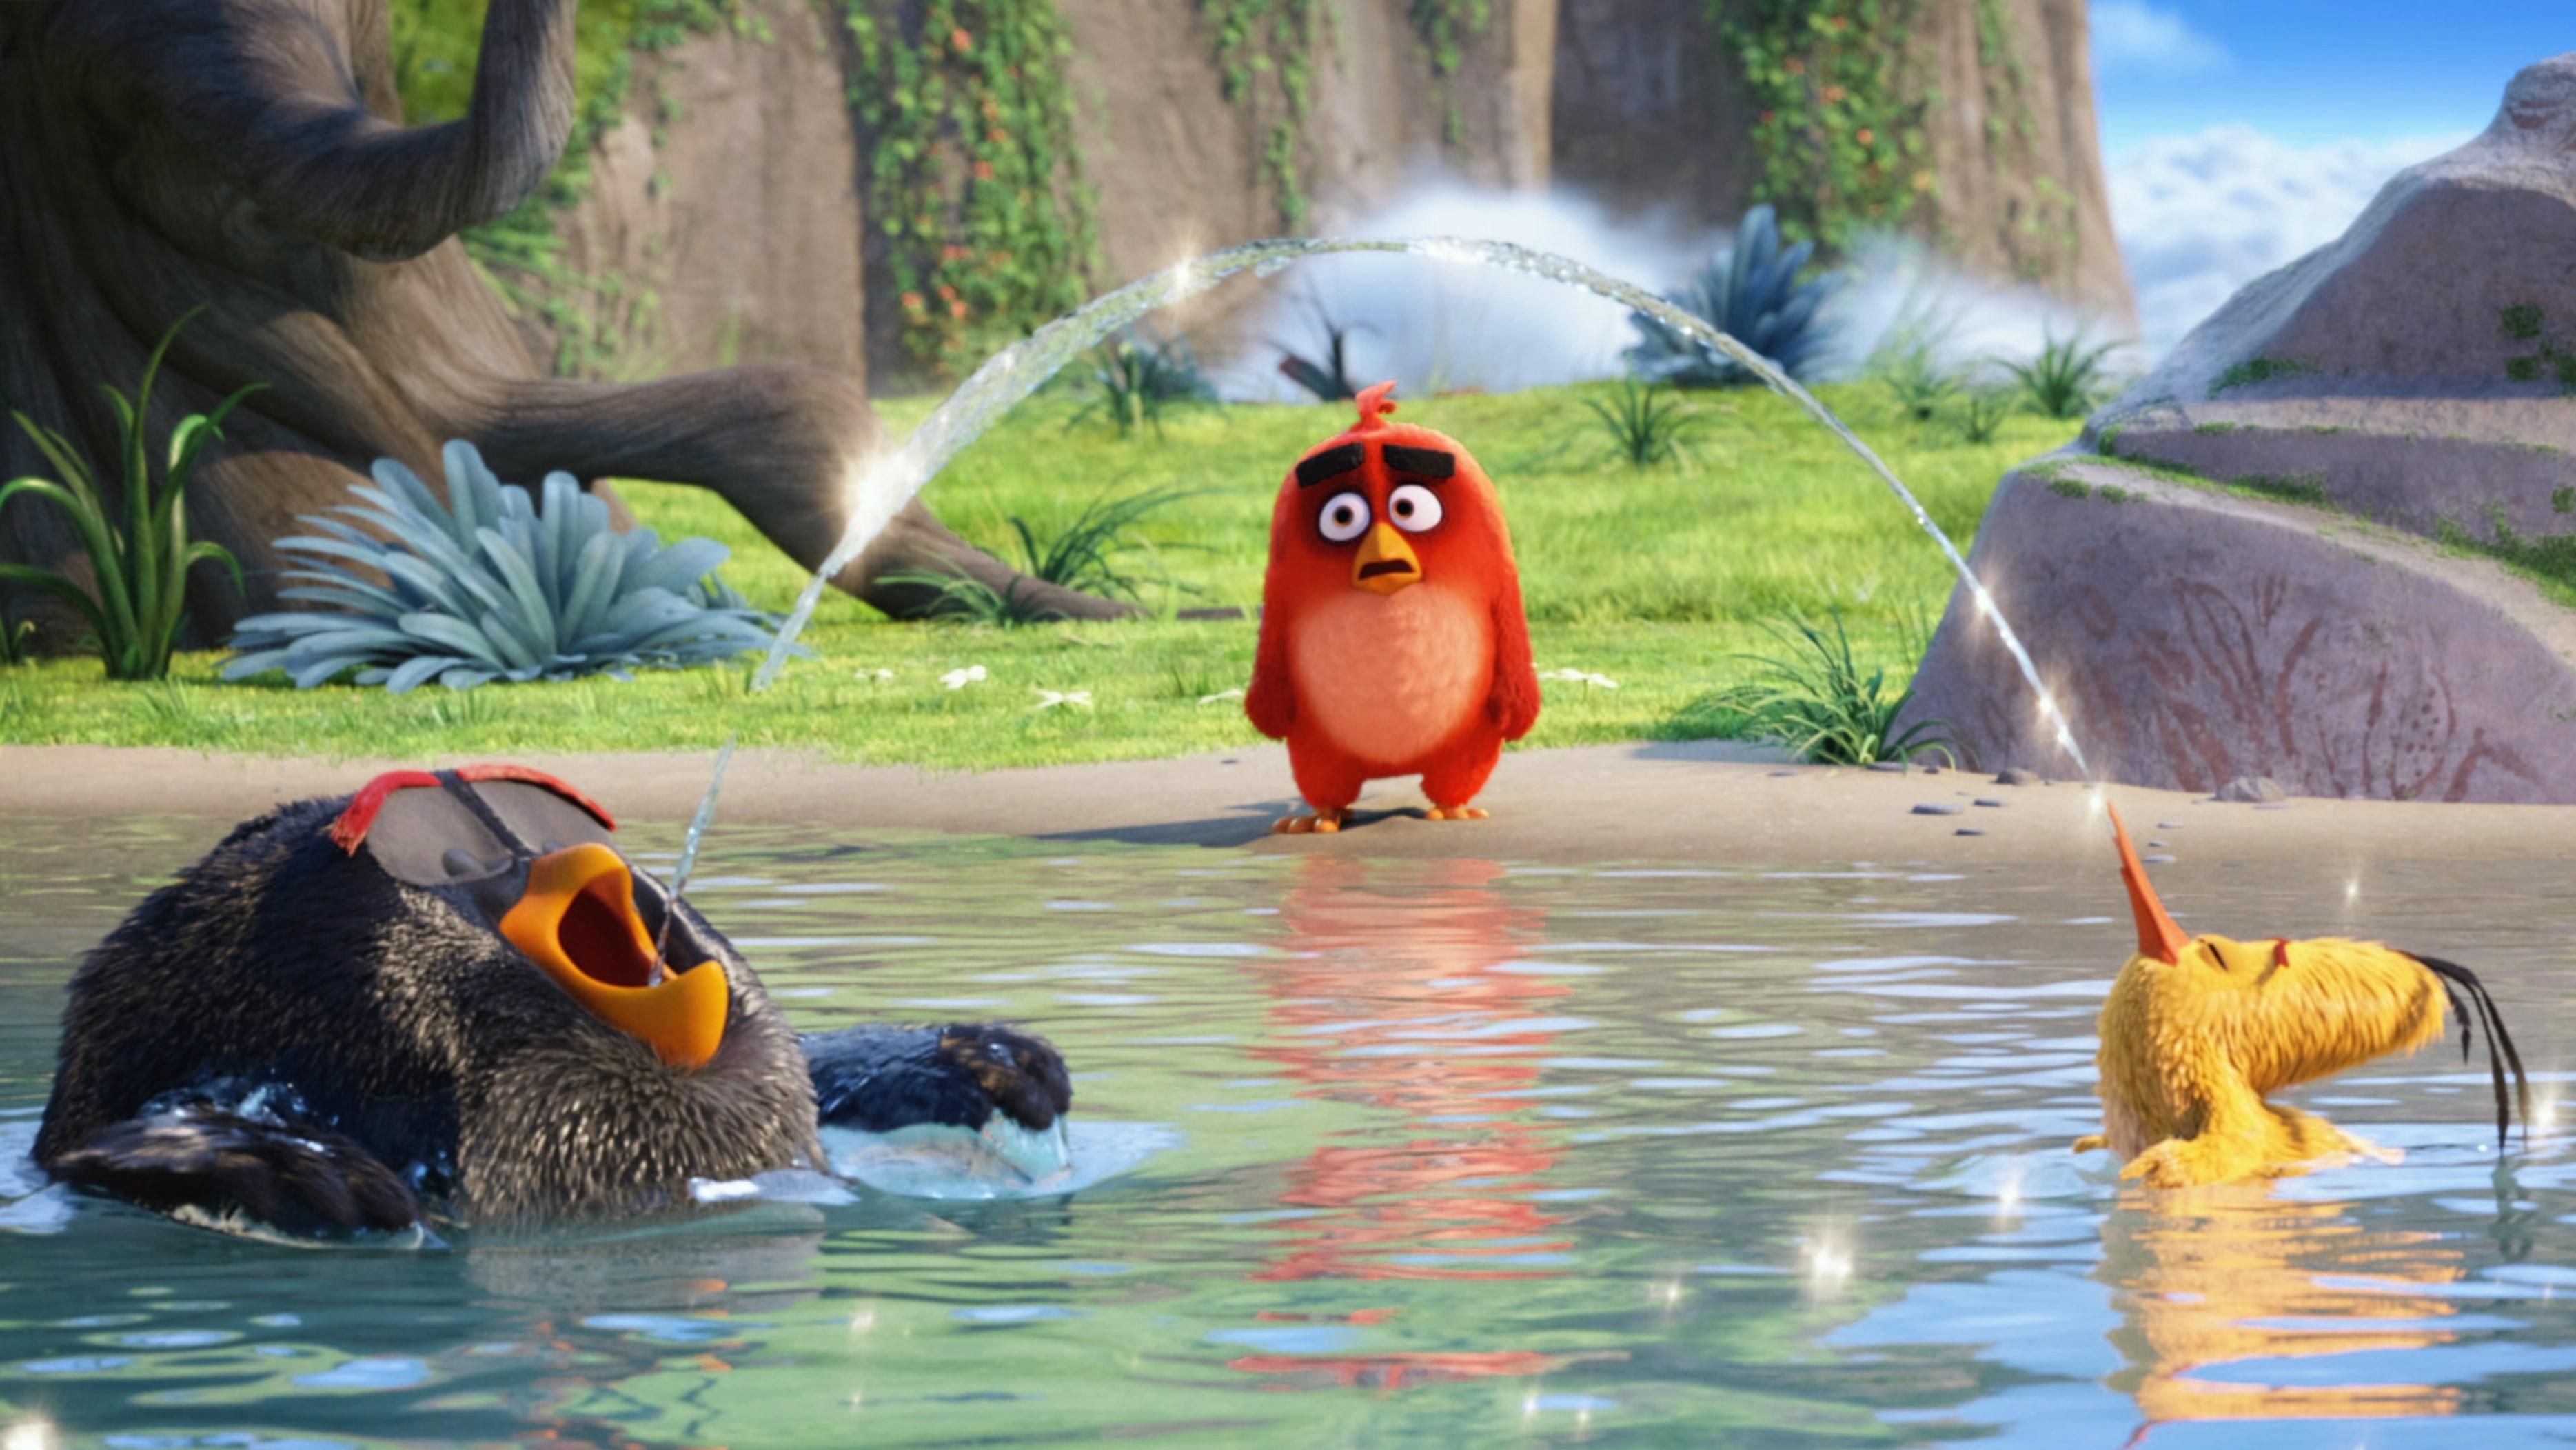 2048x2048 Deadpool 2 Movie Poster 4k Ipad Air Hd 4k: 2048x2048 The Angry Birds Movie Latest Ipad Air HD 4k